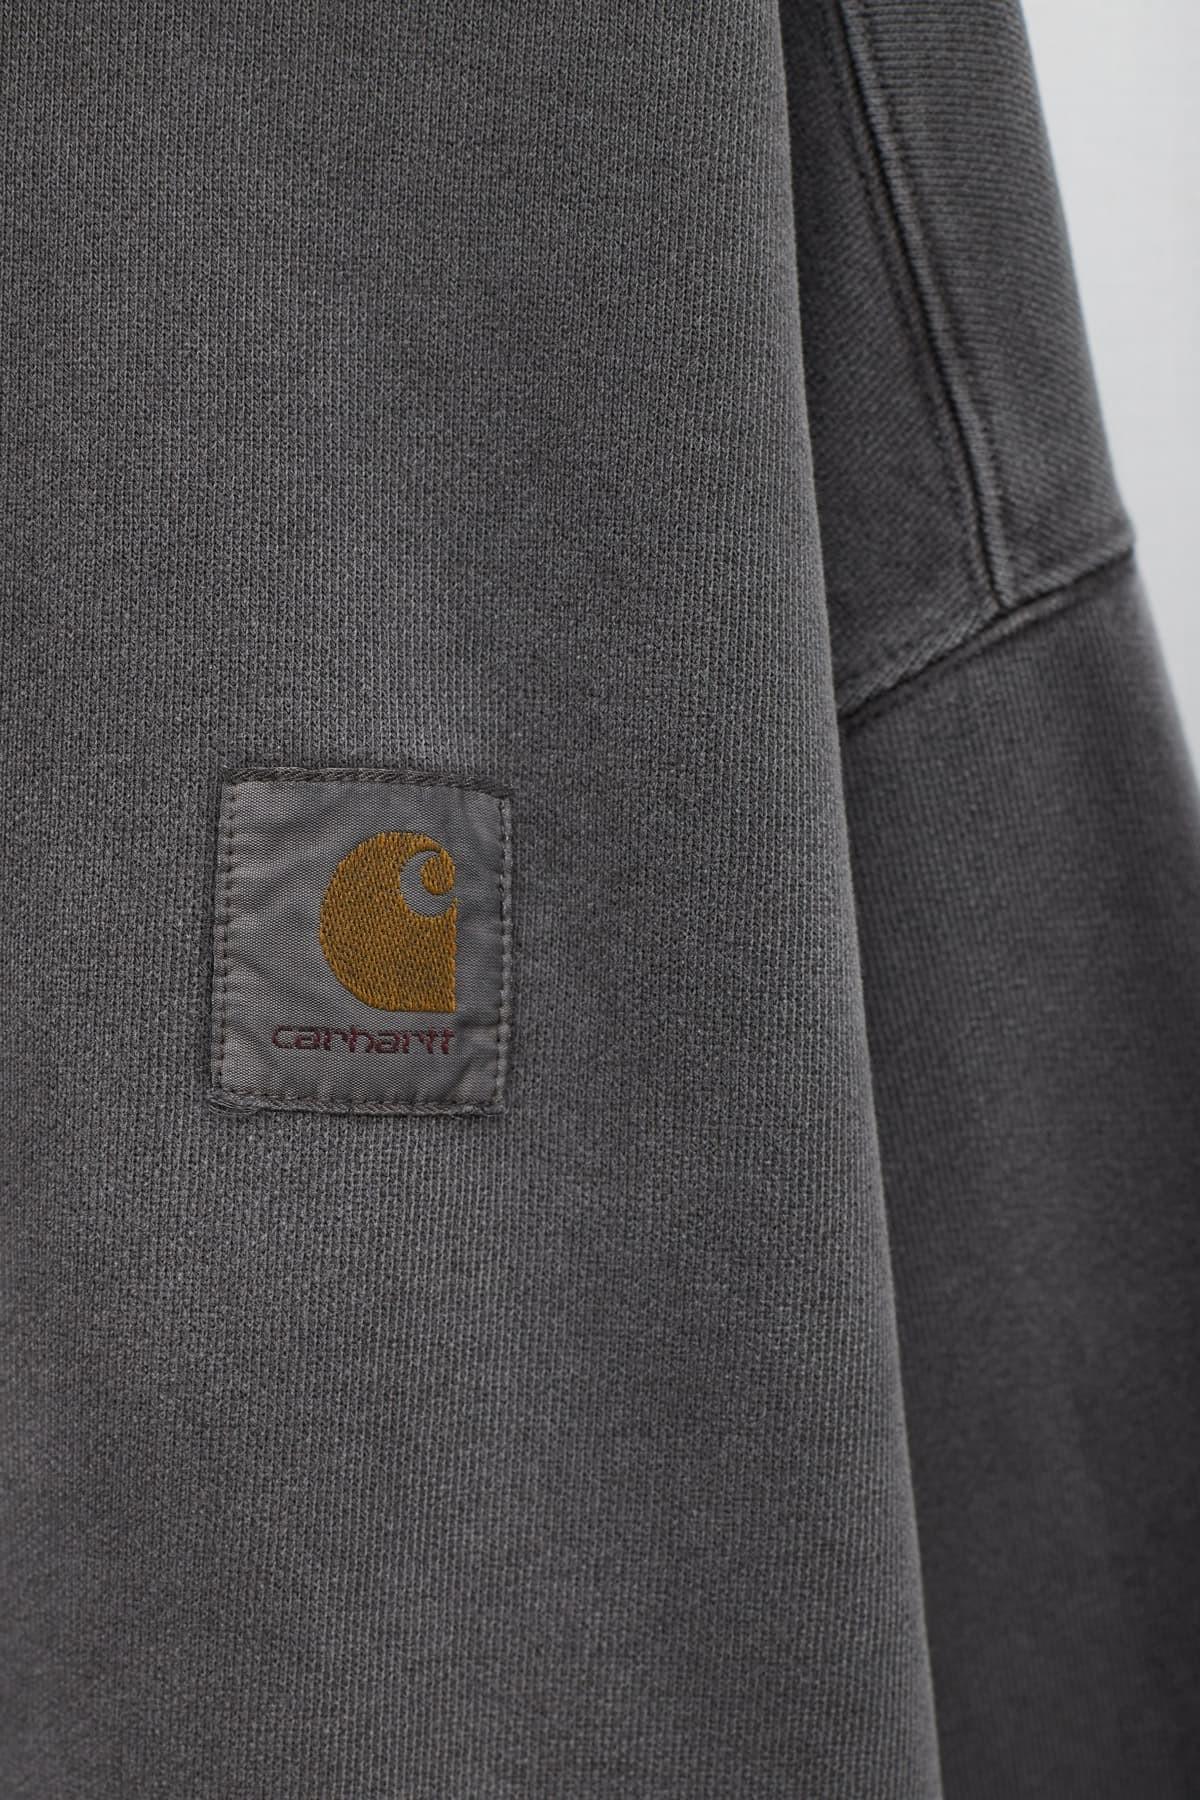 Shop Comme Des Garcons Navy S28149 Trouser